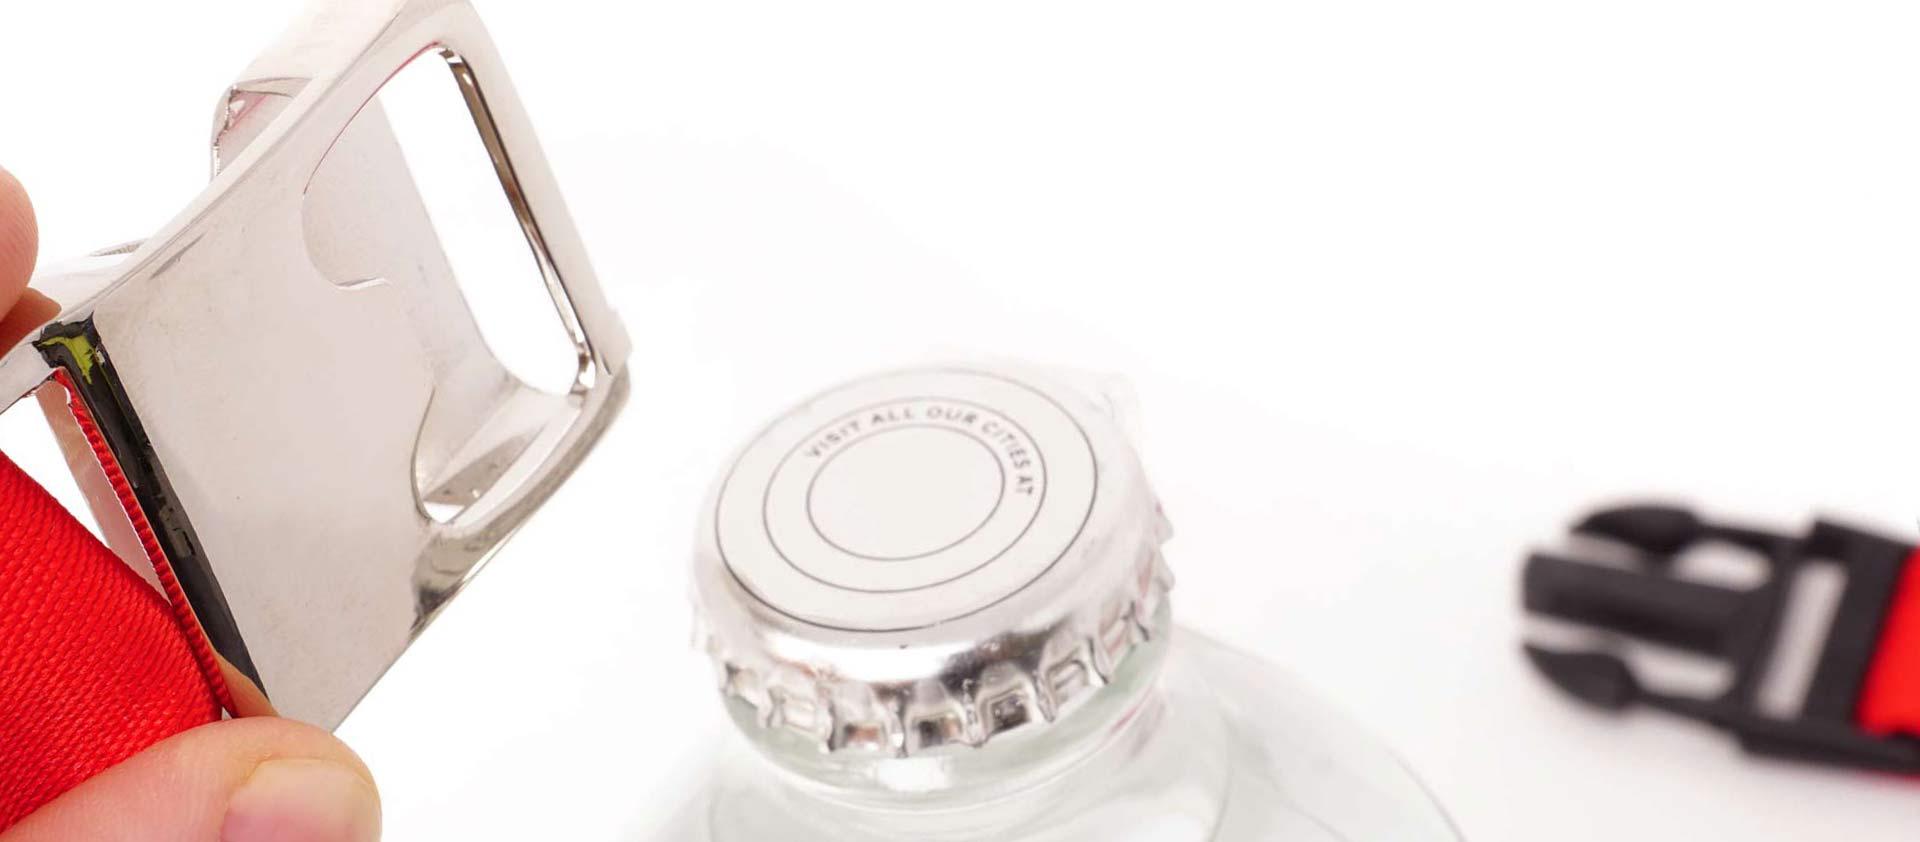 individuelles schluesselband mit Flaschenoeffner